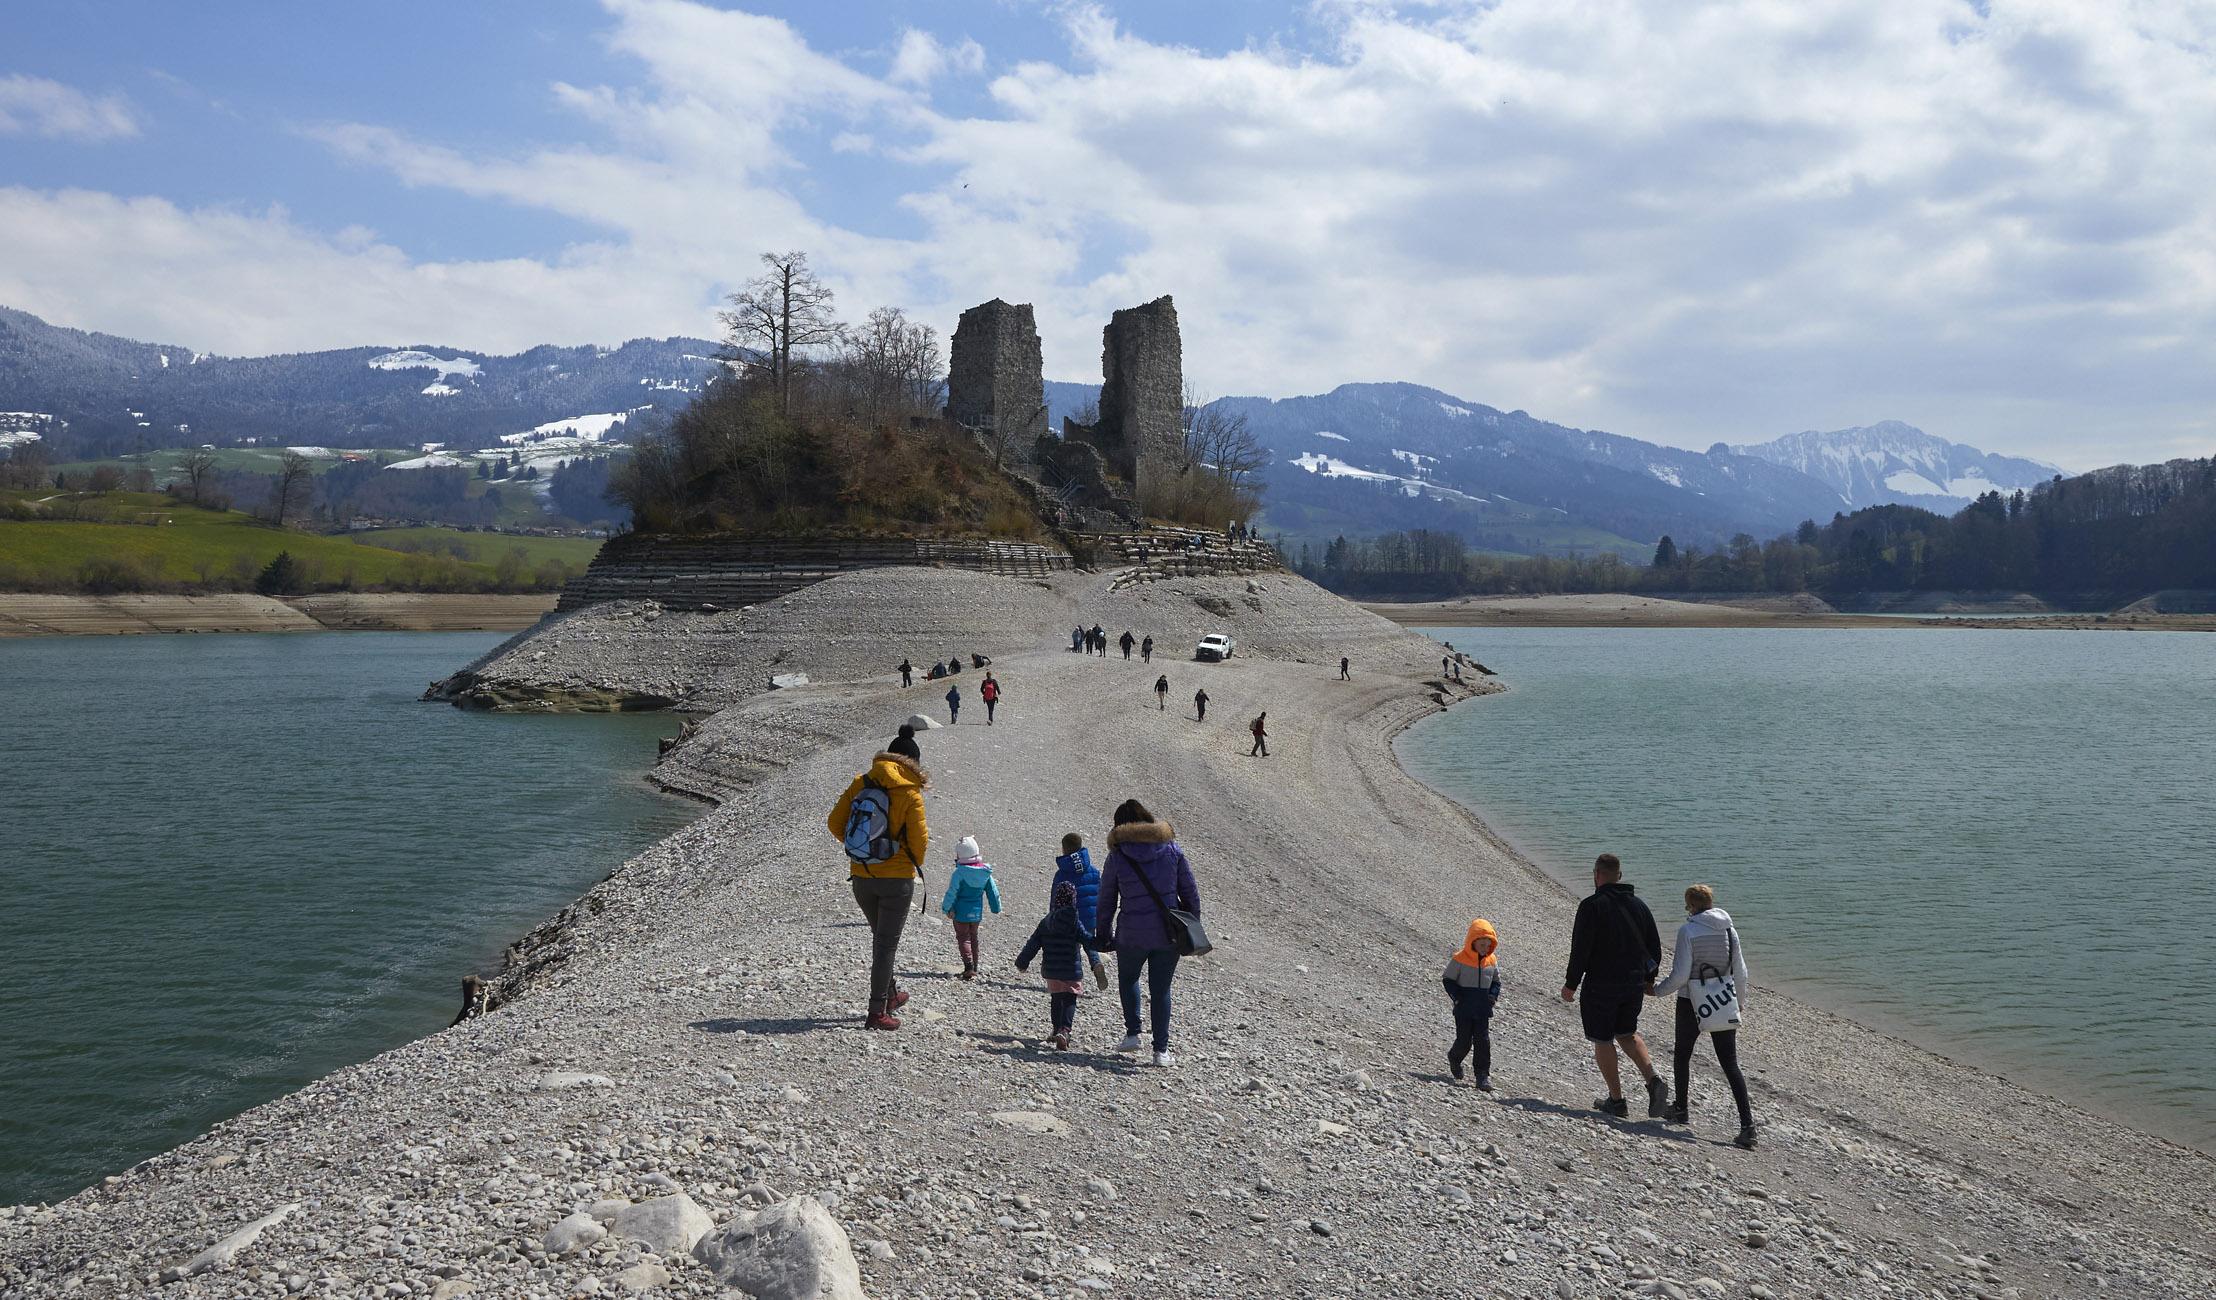 Ελβετία – κορονοϊός: Χαλαρώνει τα μέτρα παρά την αύξηση των κρουσμάτων